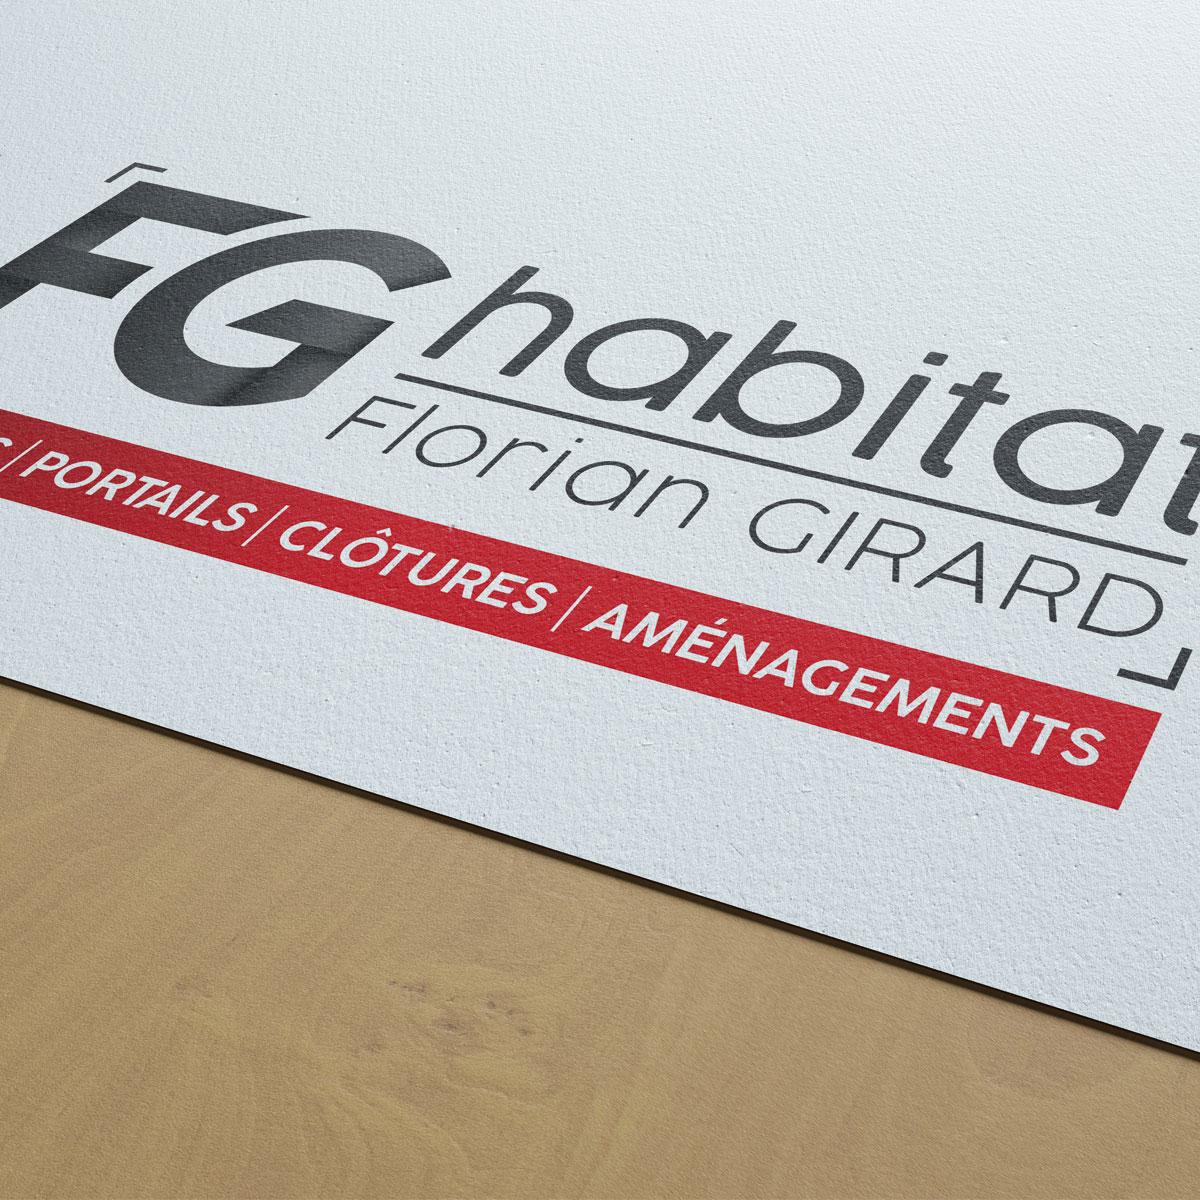 Création de logo à Challans pour FG Habitat